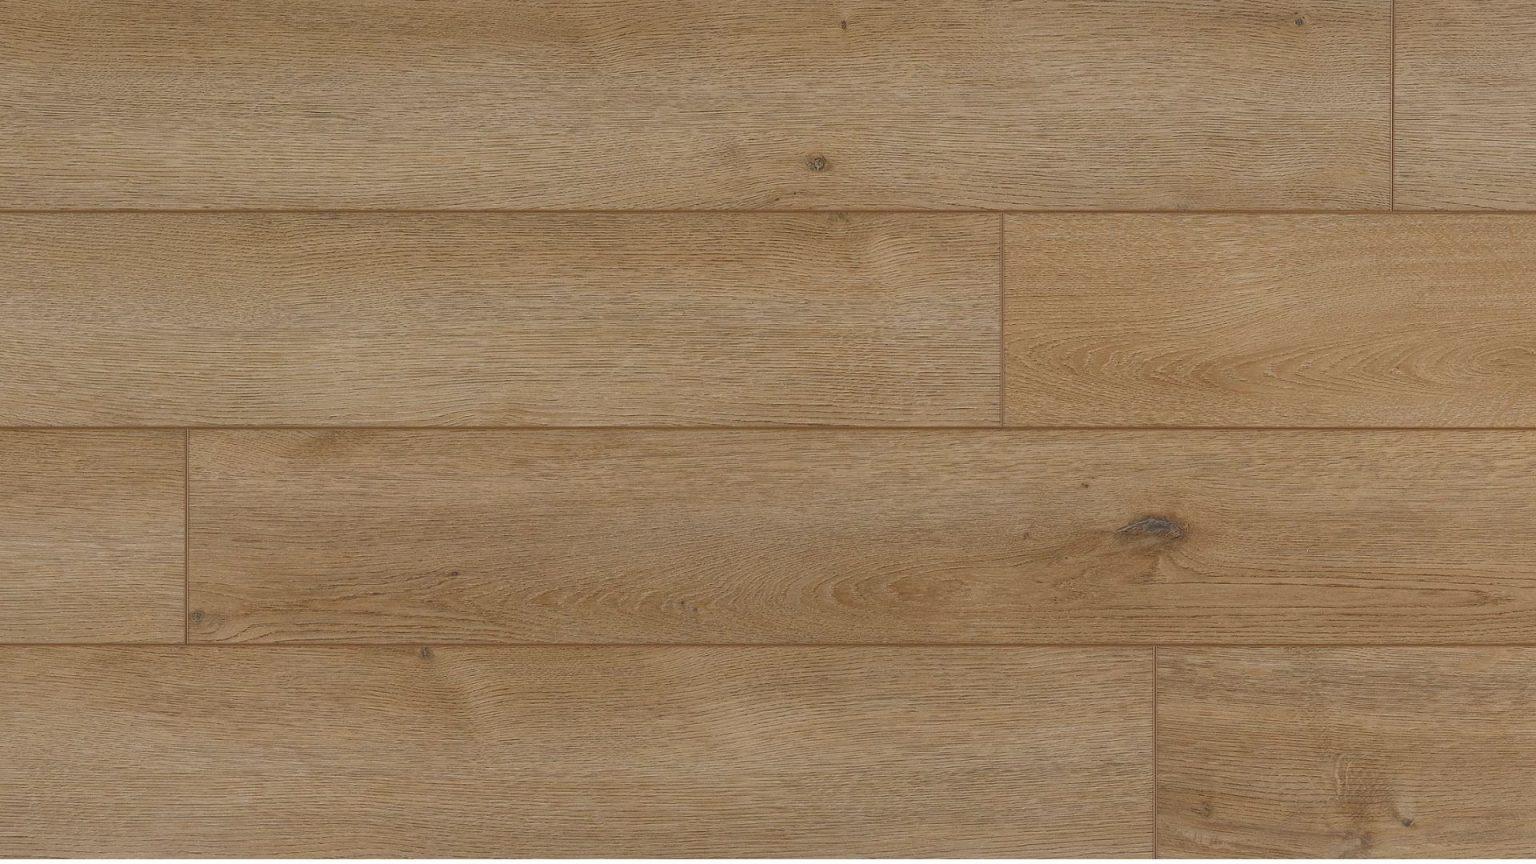 Moraine 50 LVRE 113 / COREtec® authentics wood